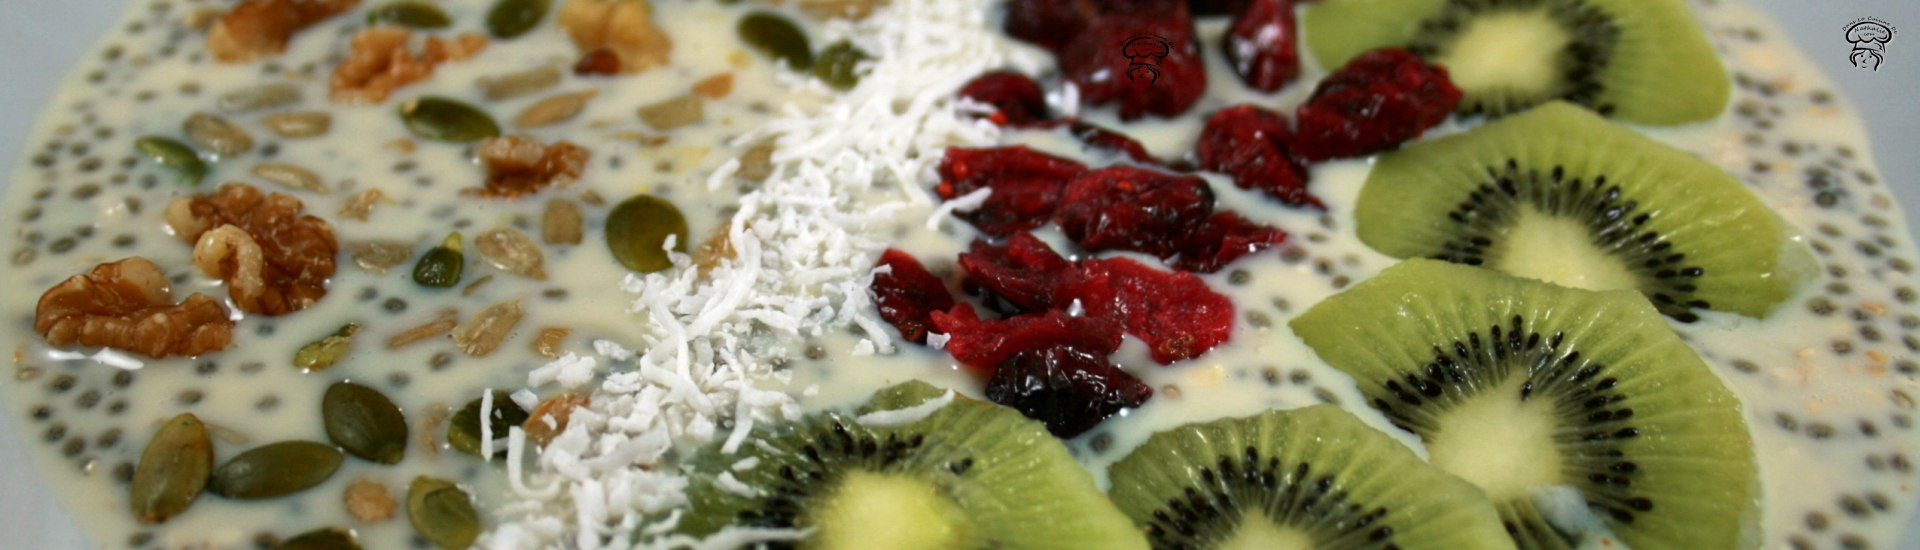 Overnight oats au kiwi et canneberges